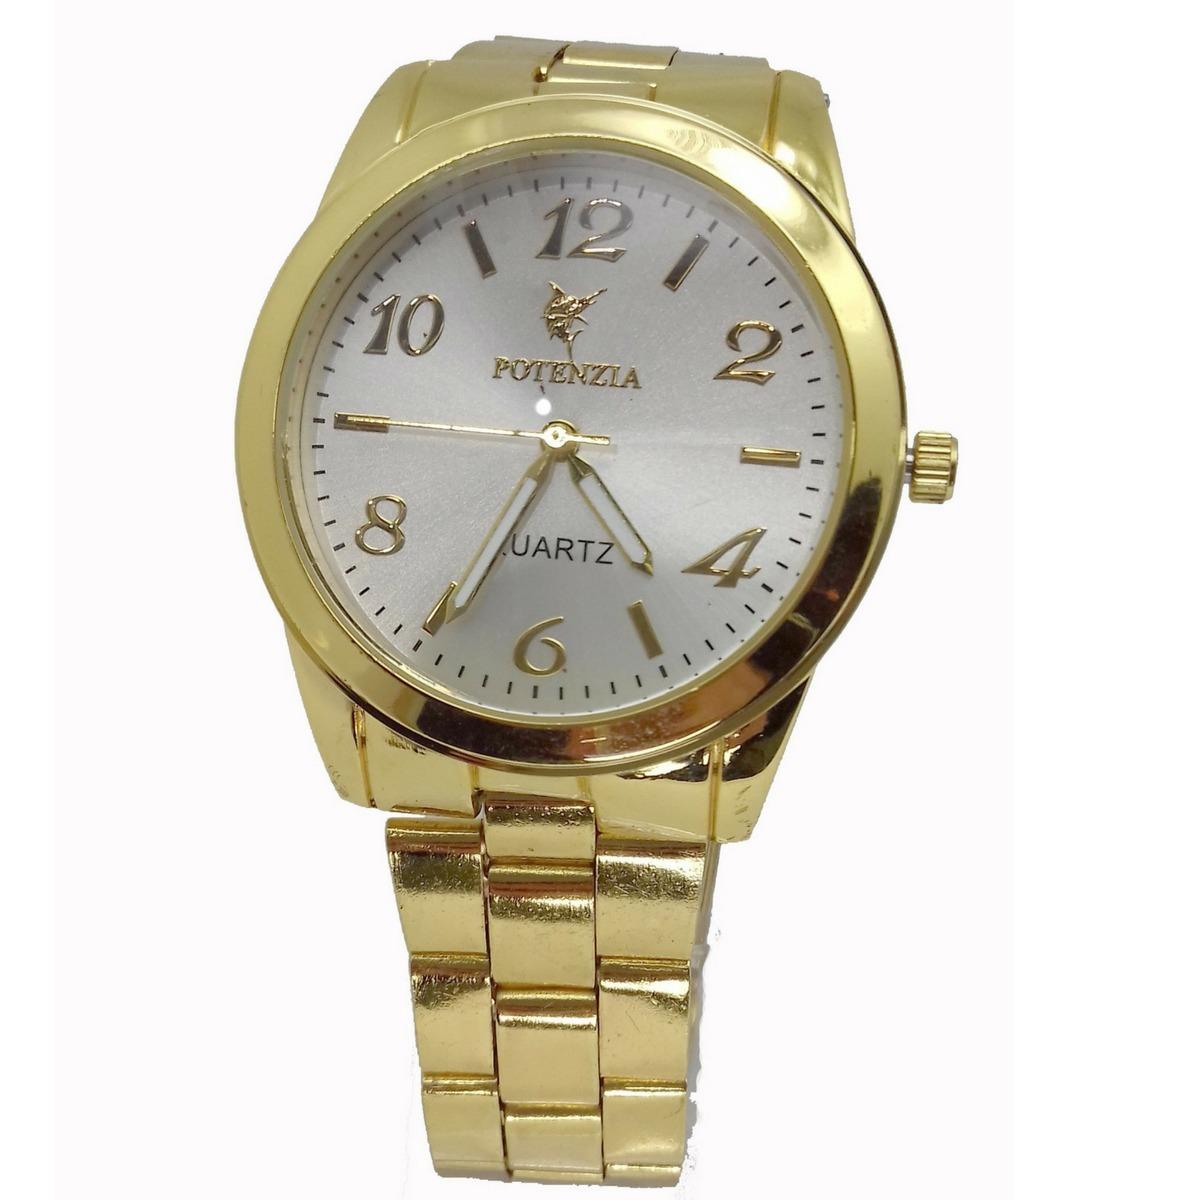 517ec411c9 relógio feminino analógico a prova d água barato. Carregando zoom.